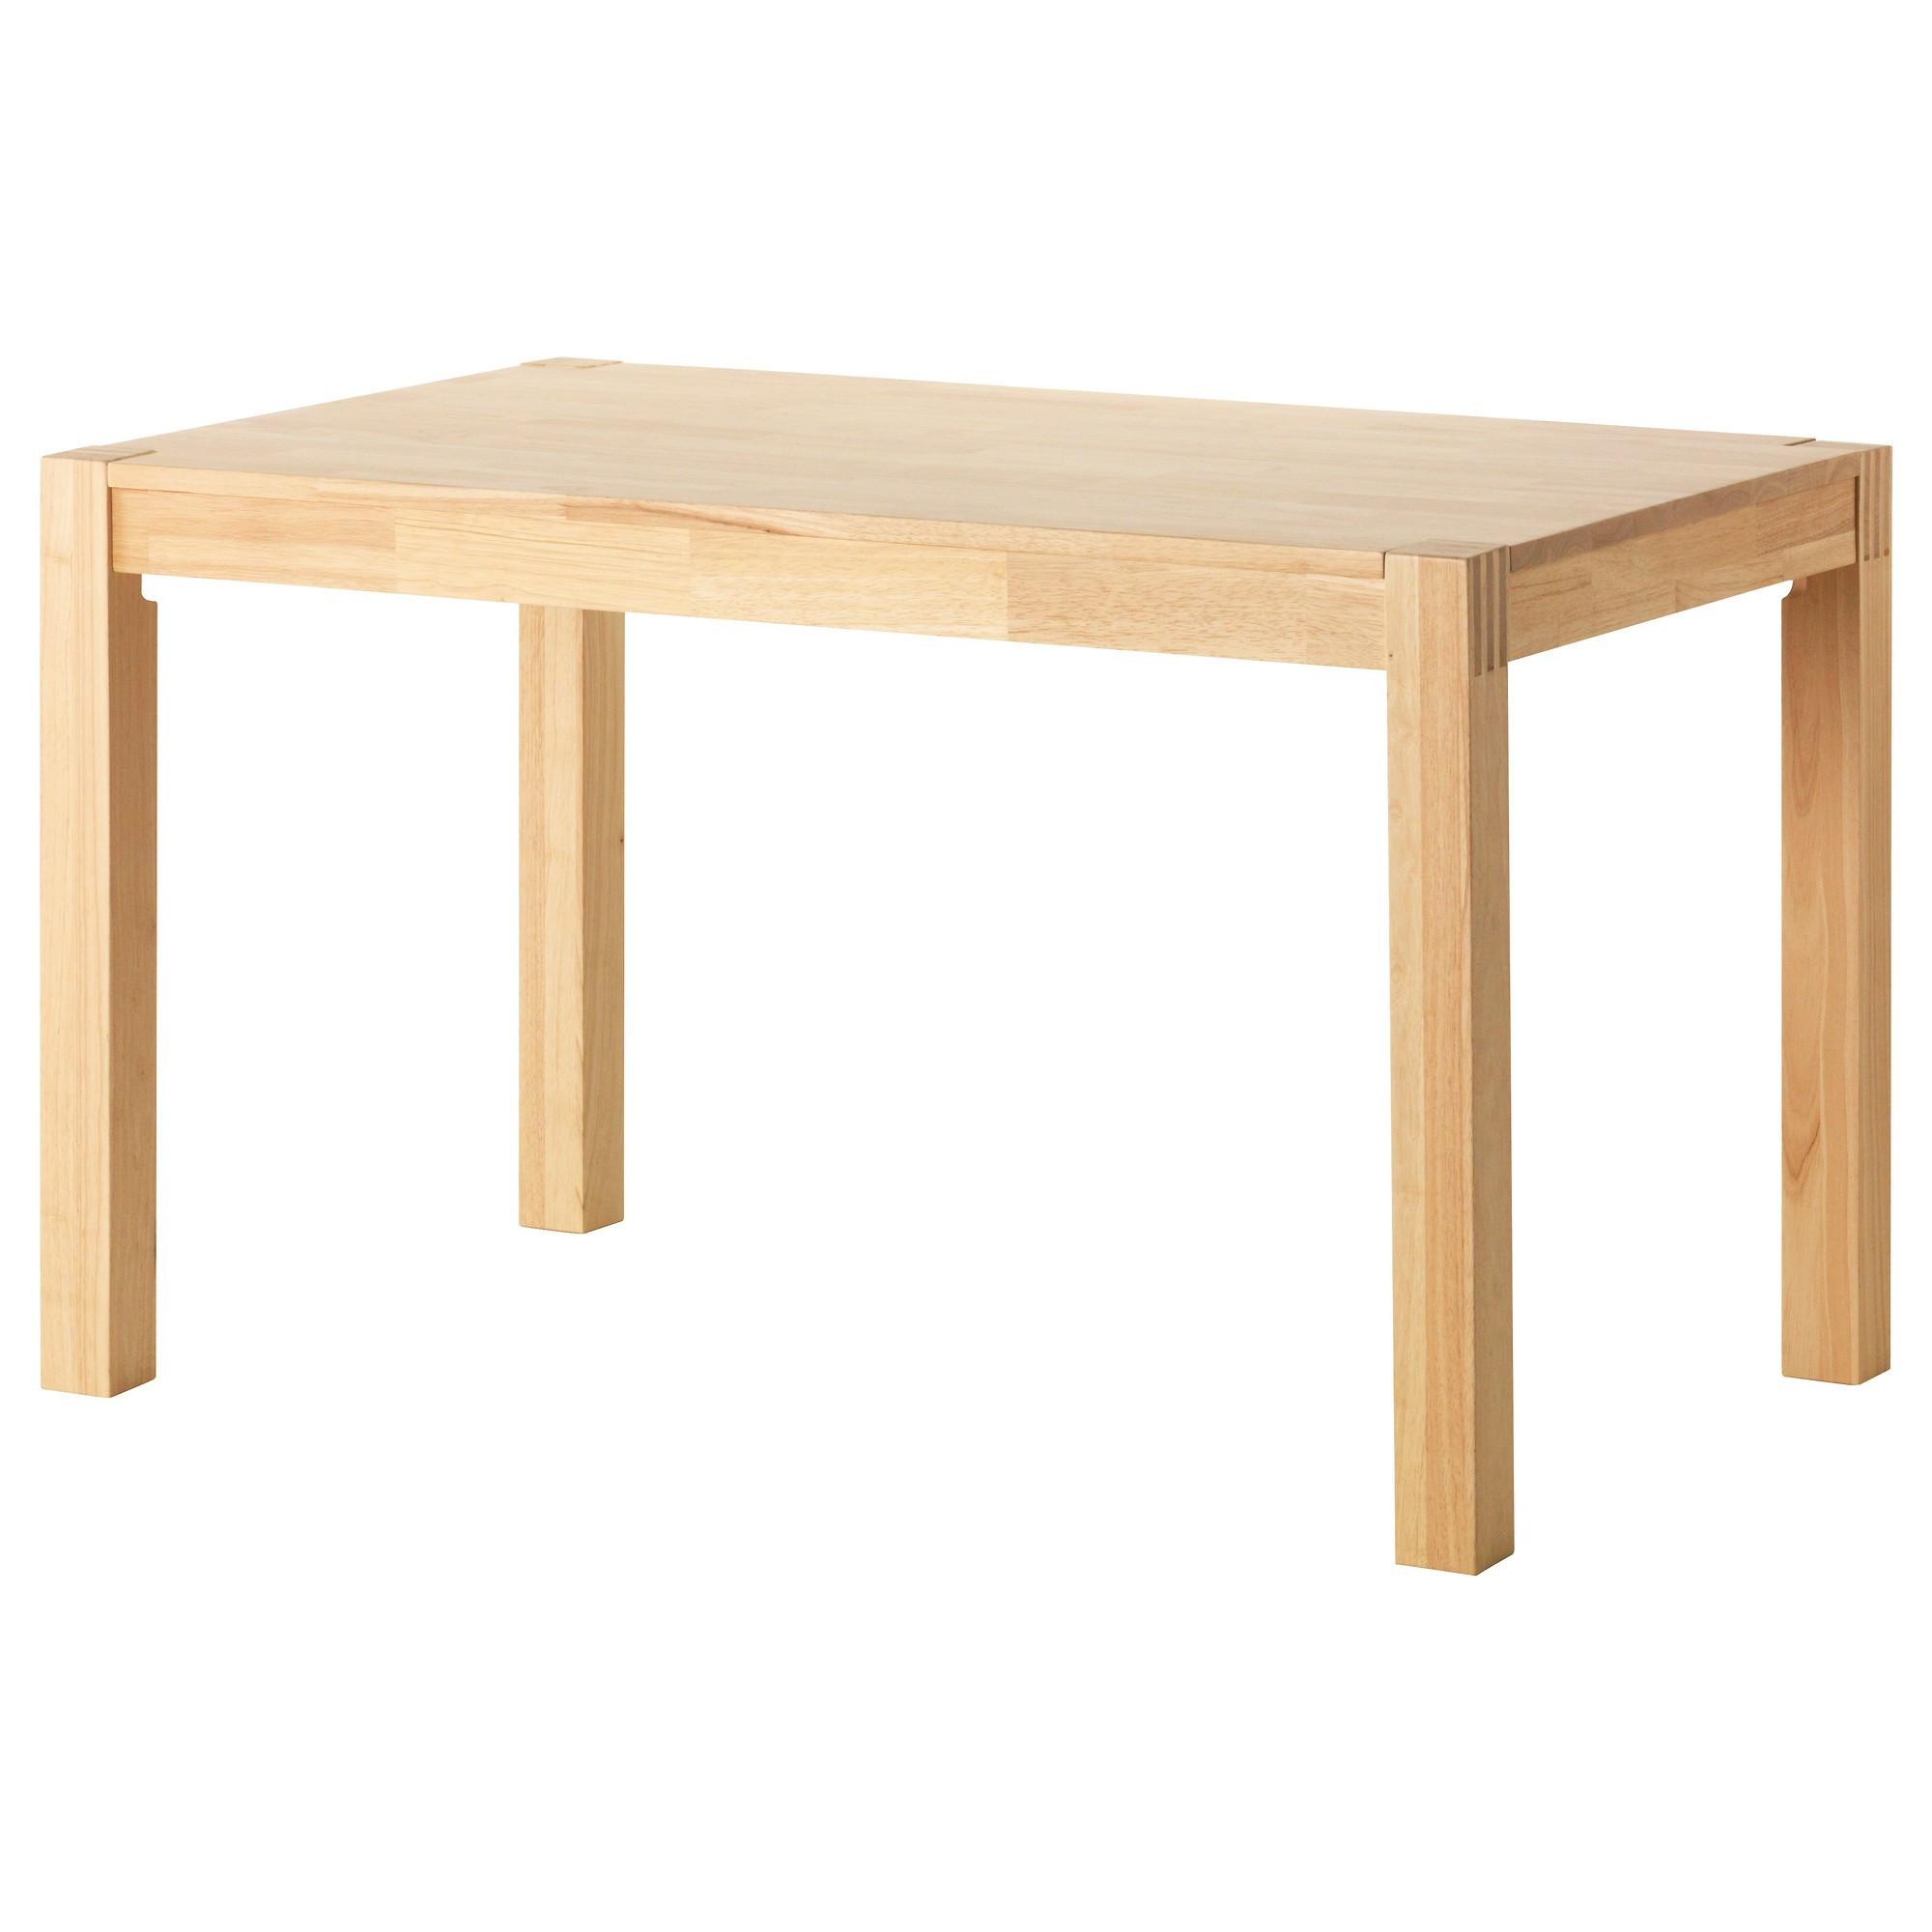 Full Size of Charmant Ikea Tisch Holz Ausziehbar 9509 Beste Mbelideen Küche Kaufen Modulküche Betten 160x200 Miniküche Kosten Sofa Mit Schlaffunktion Bei Wohnzimmer Gartentisch Ikea